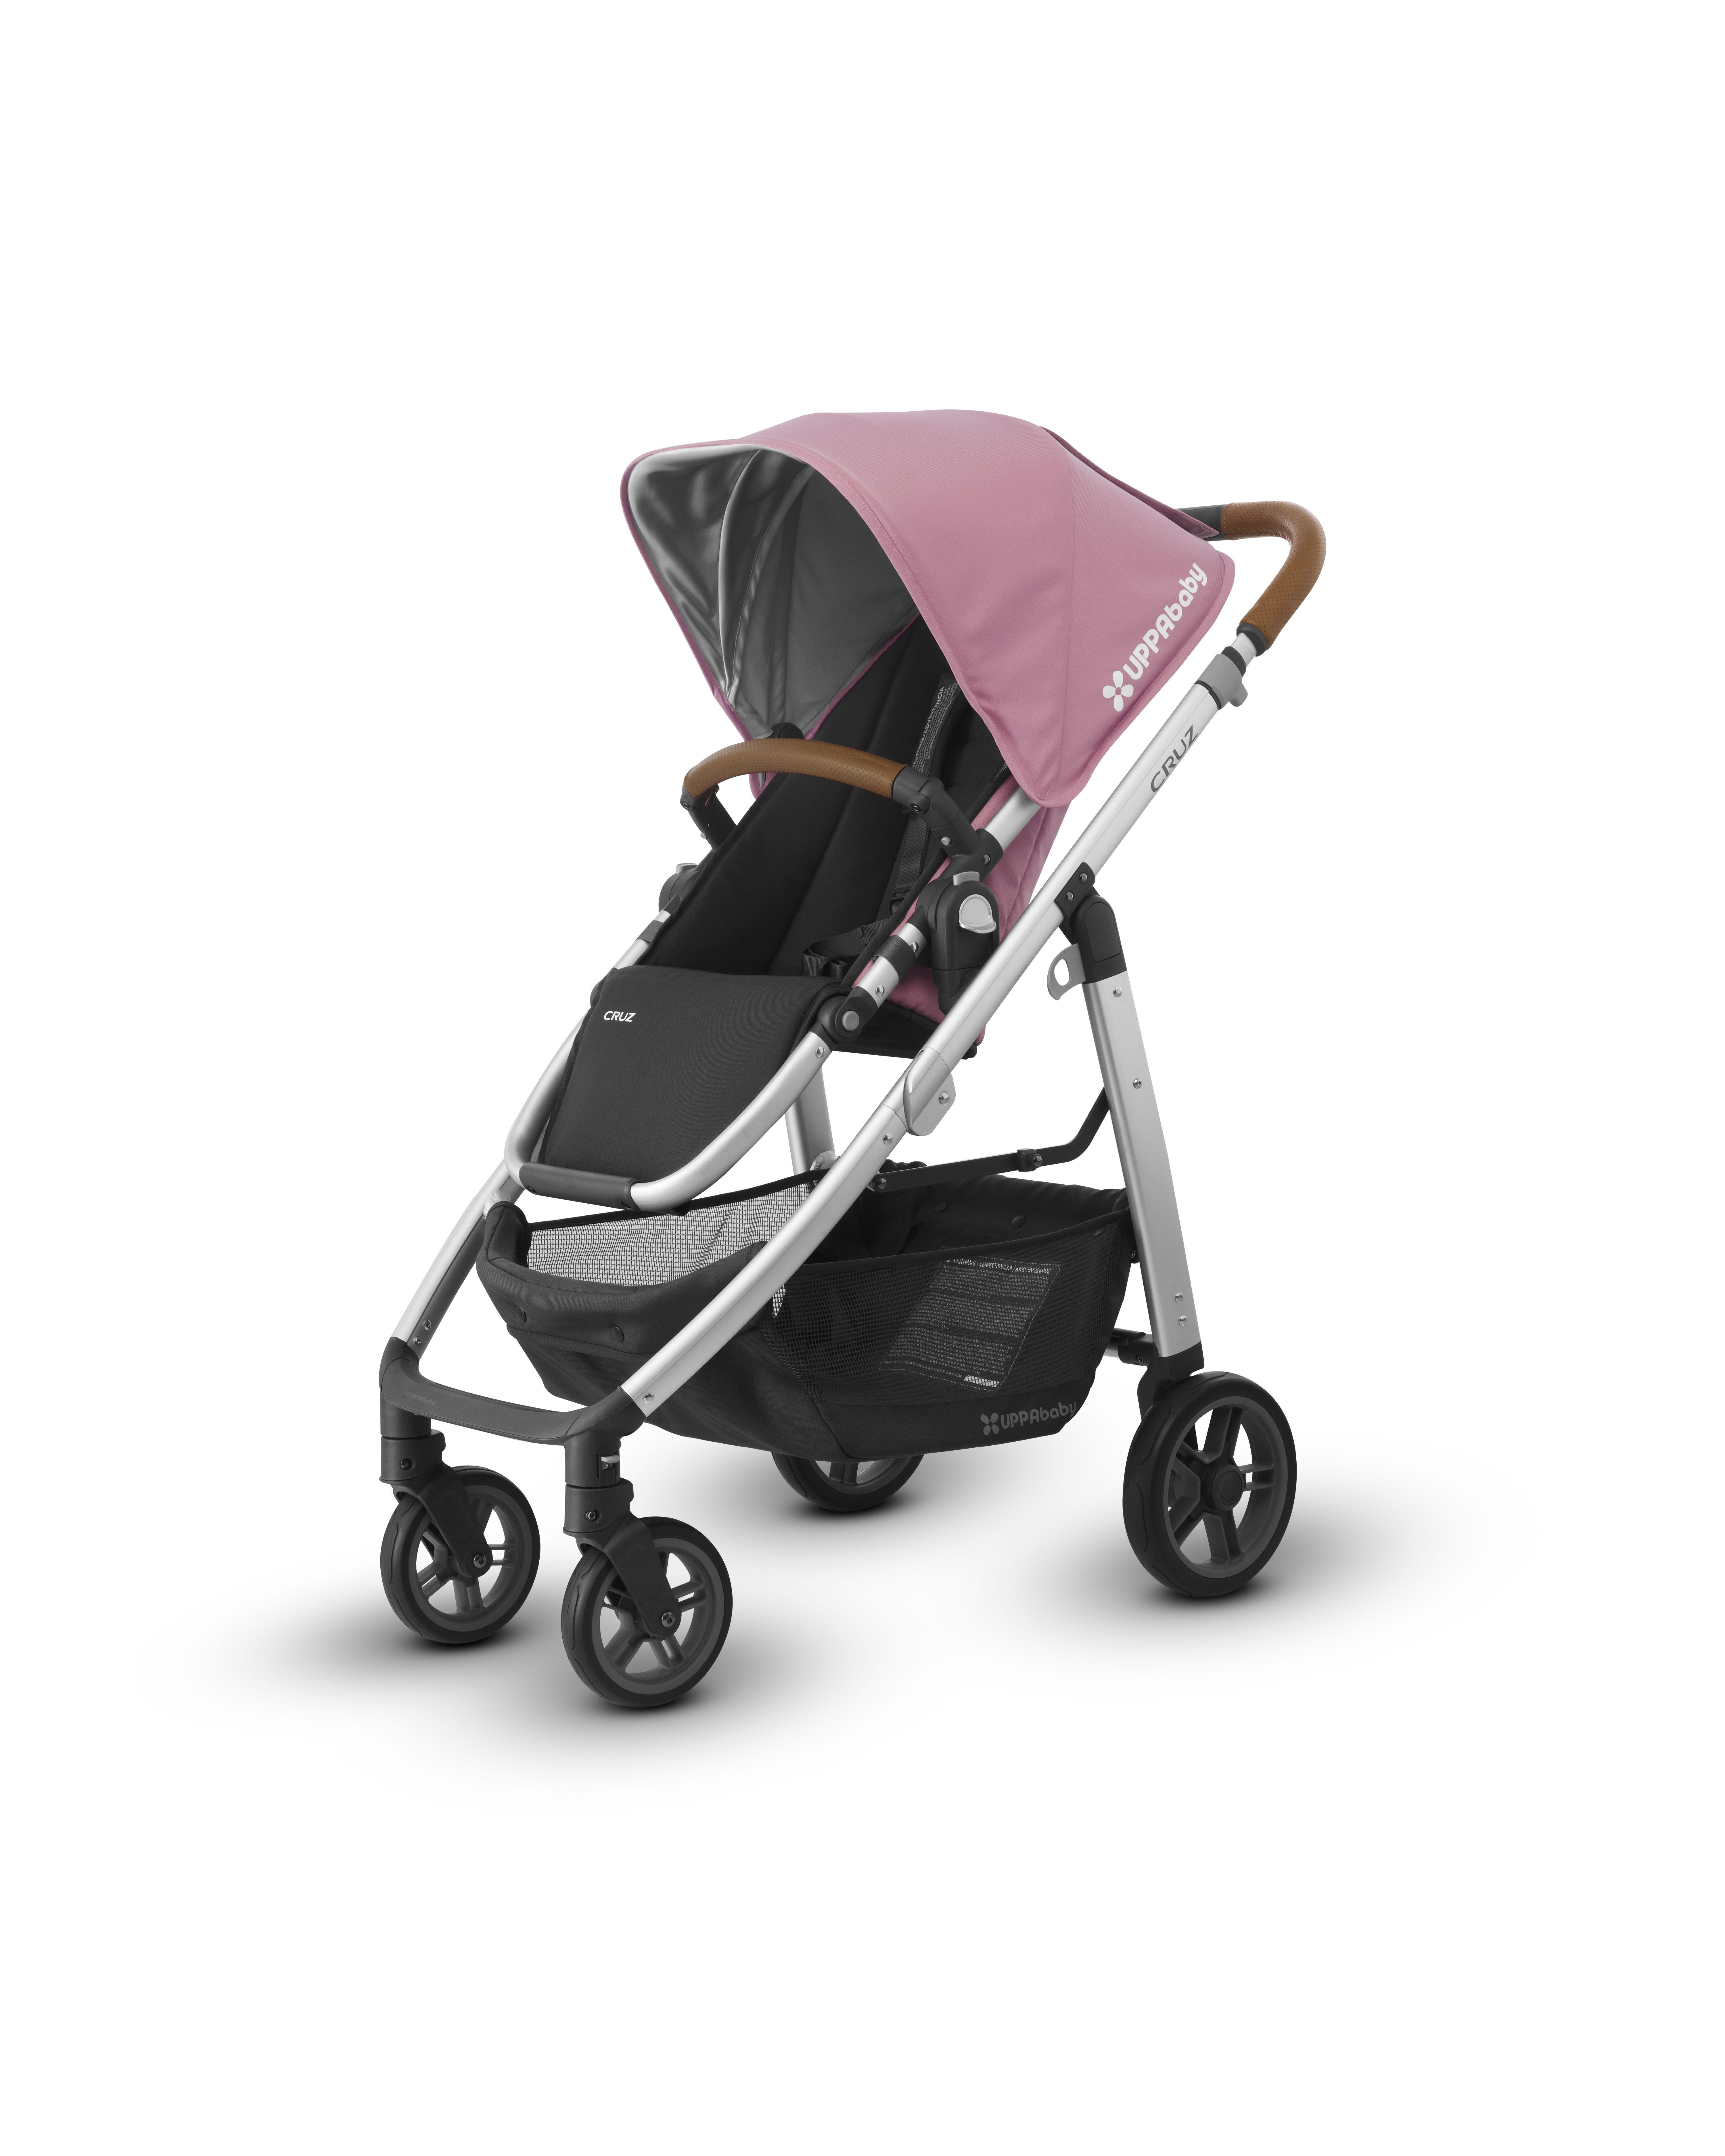 CRUZ V2 Uppababy stroller, Uppababy cruz, Full size stroller